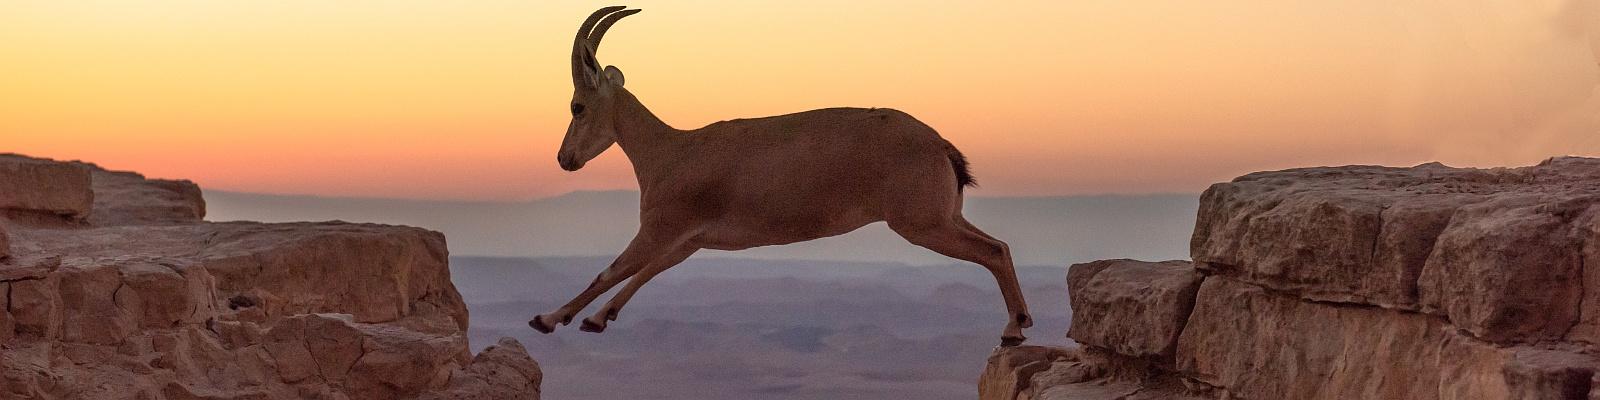 Leaping Ibex, Negev Desert